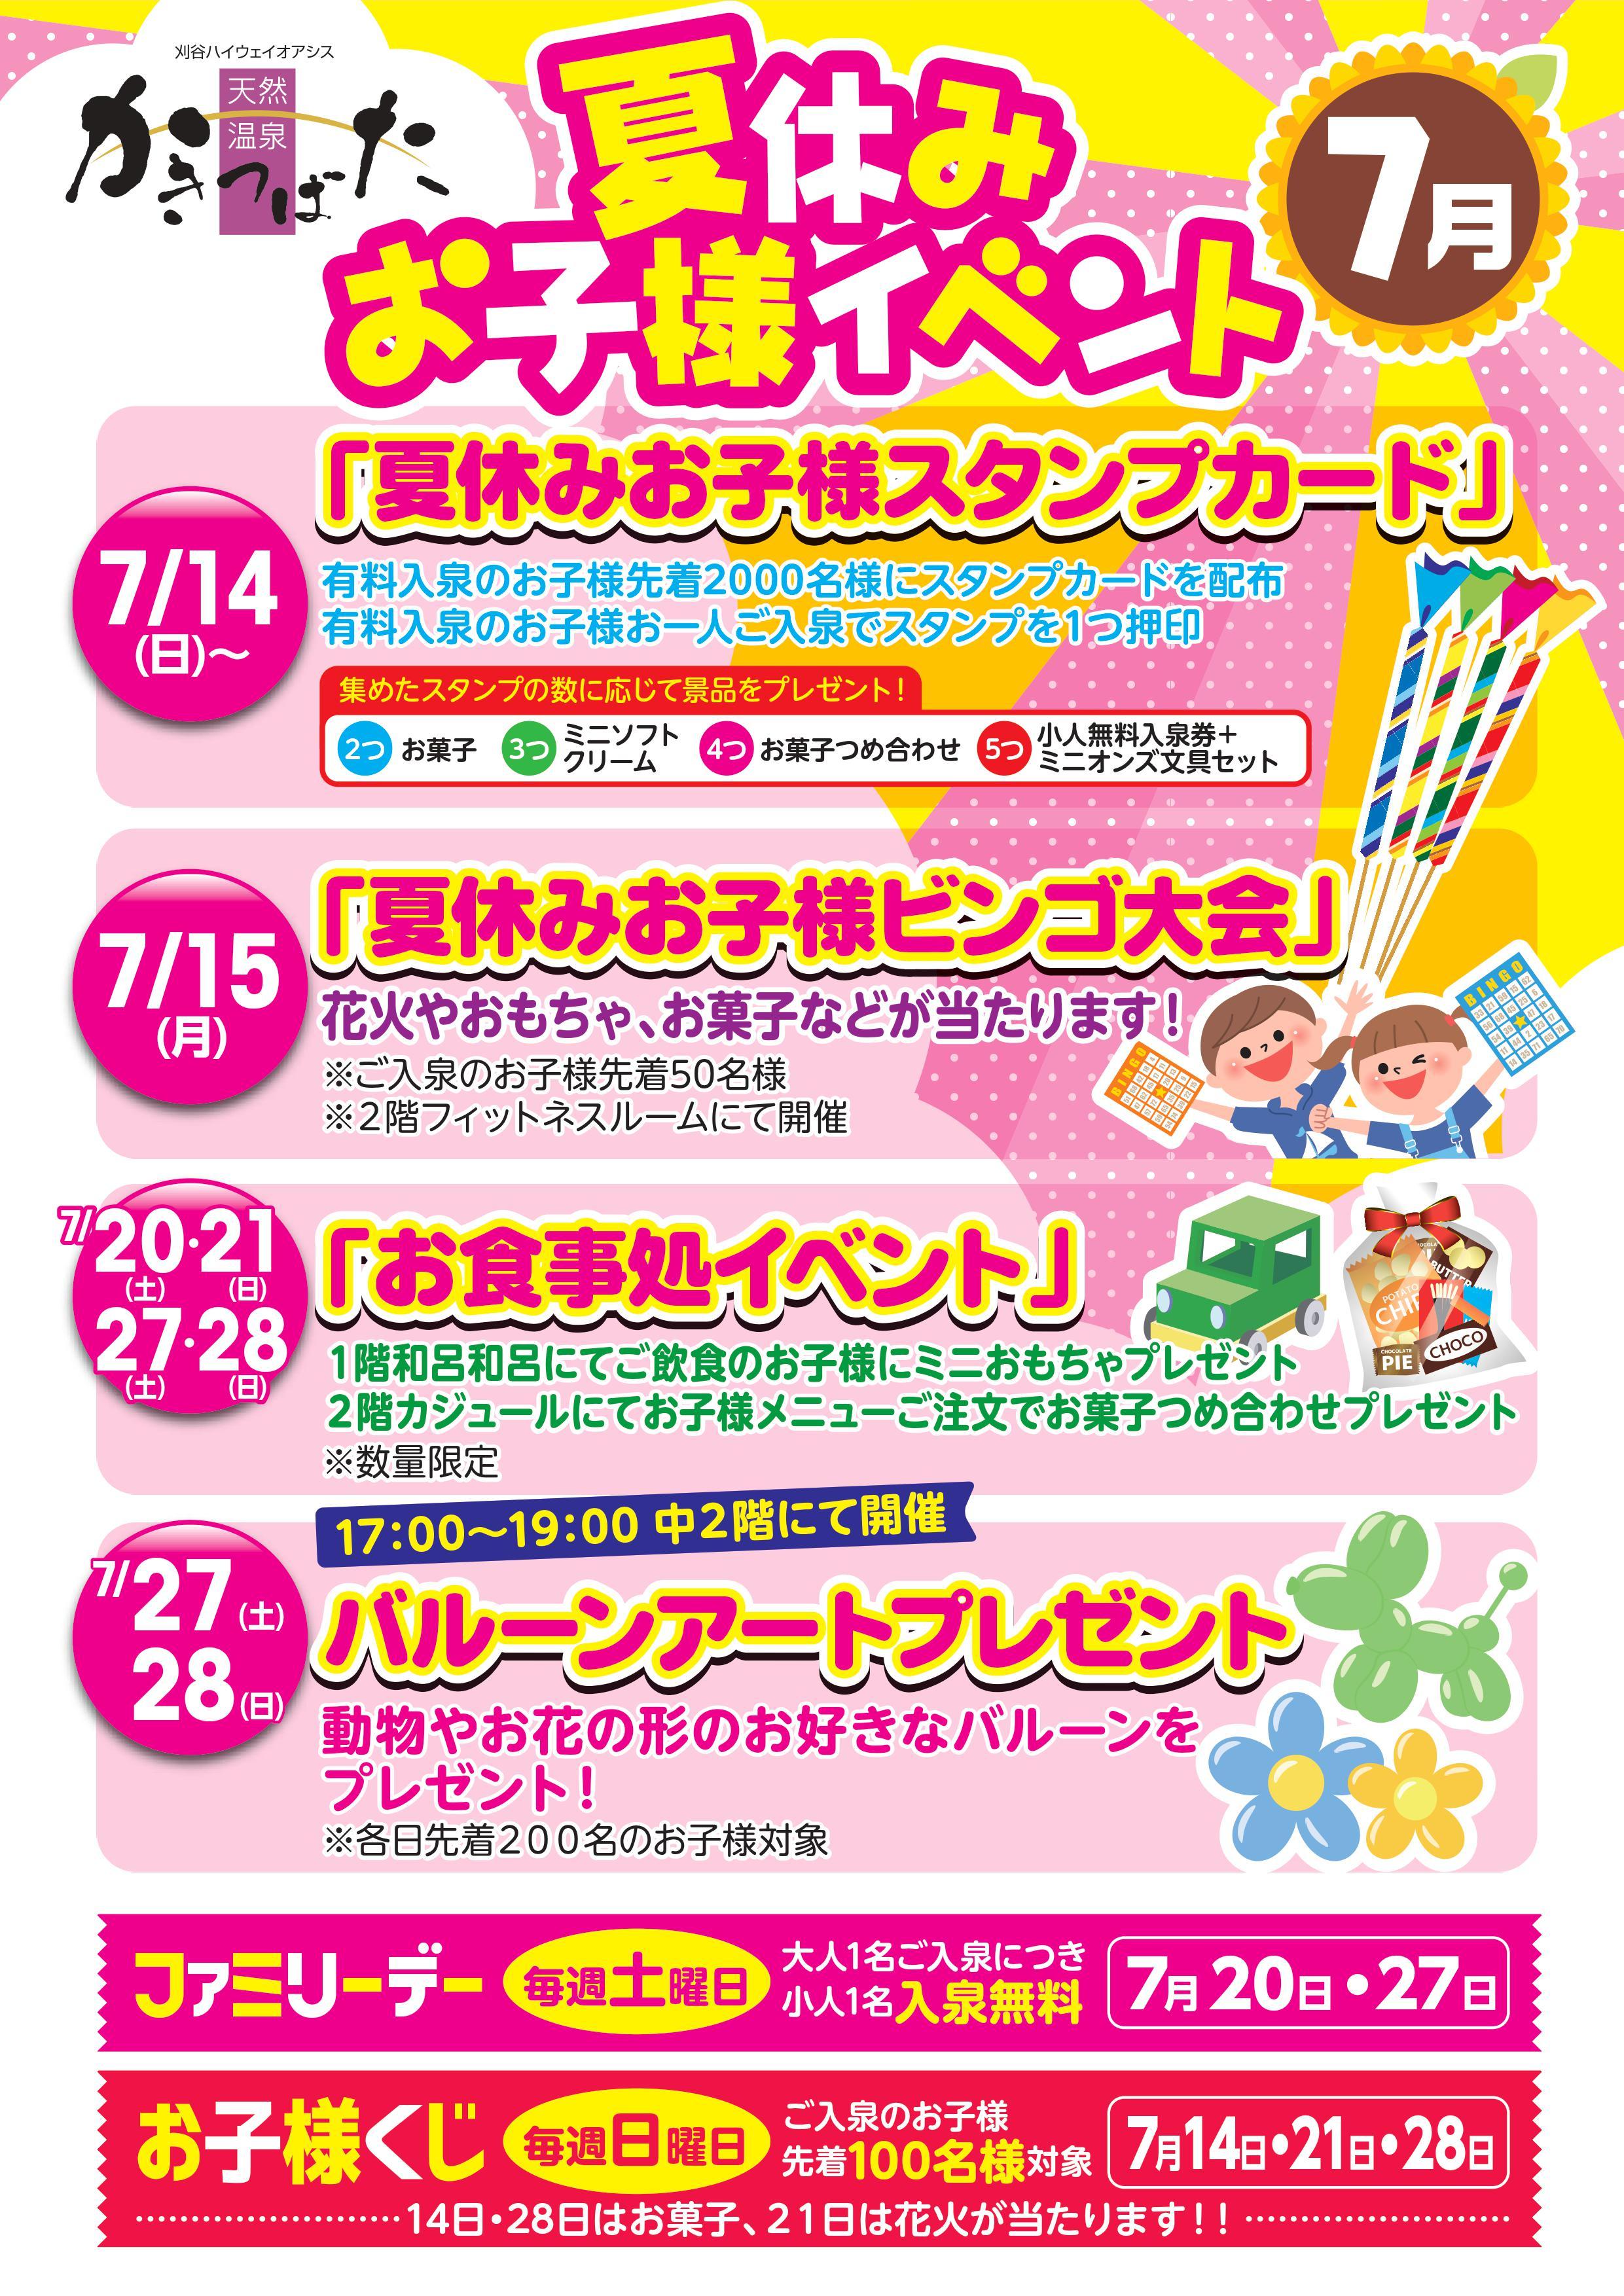 7月14日(日)~ 夏休みお子様イベント